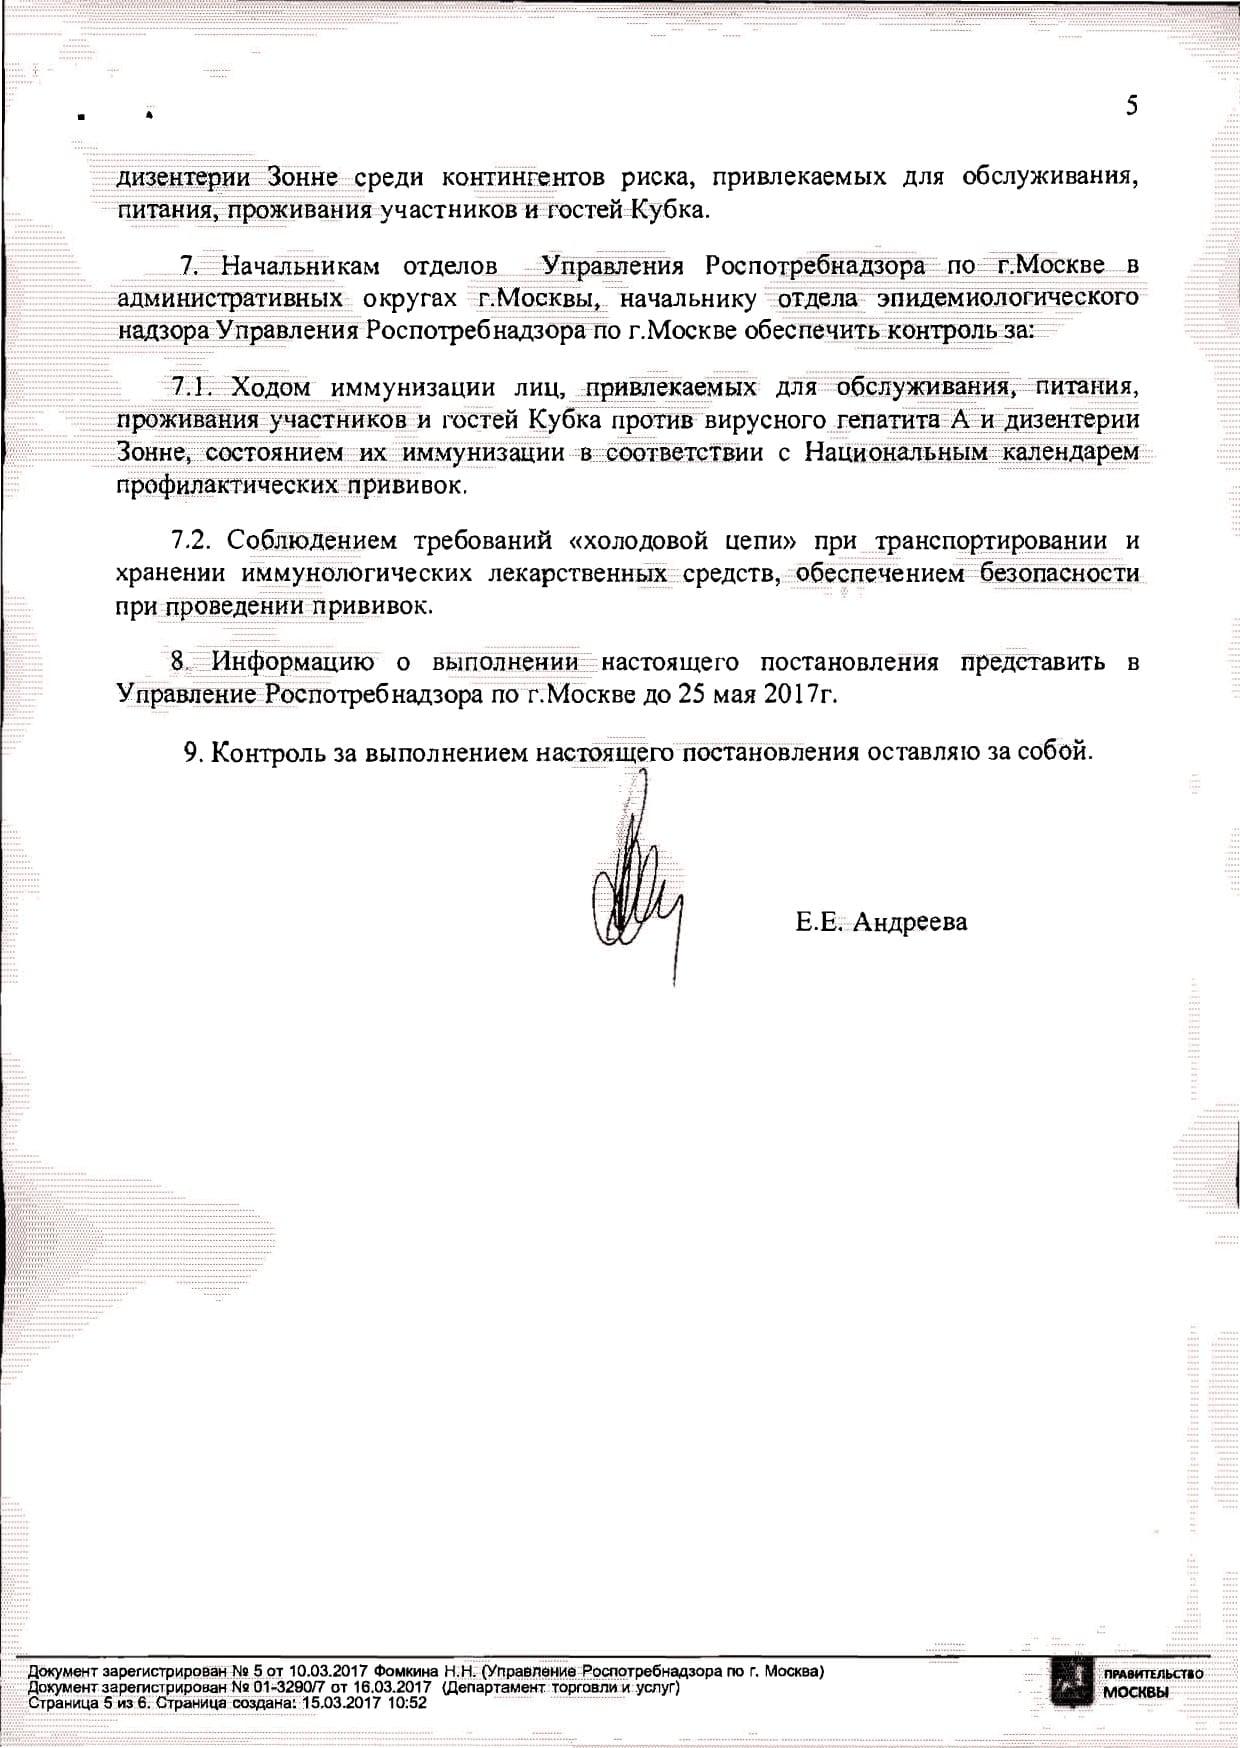 Сертификат о профилактических прививка Измайловская медицинская справка формы м 86у